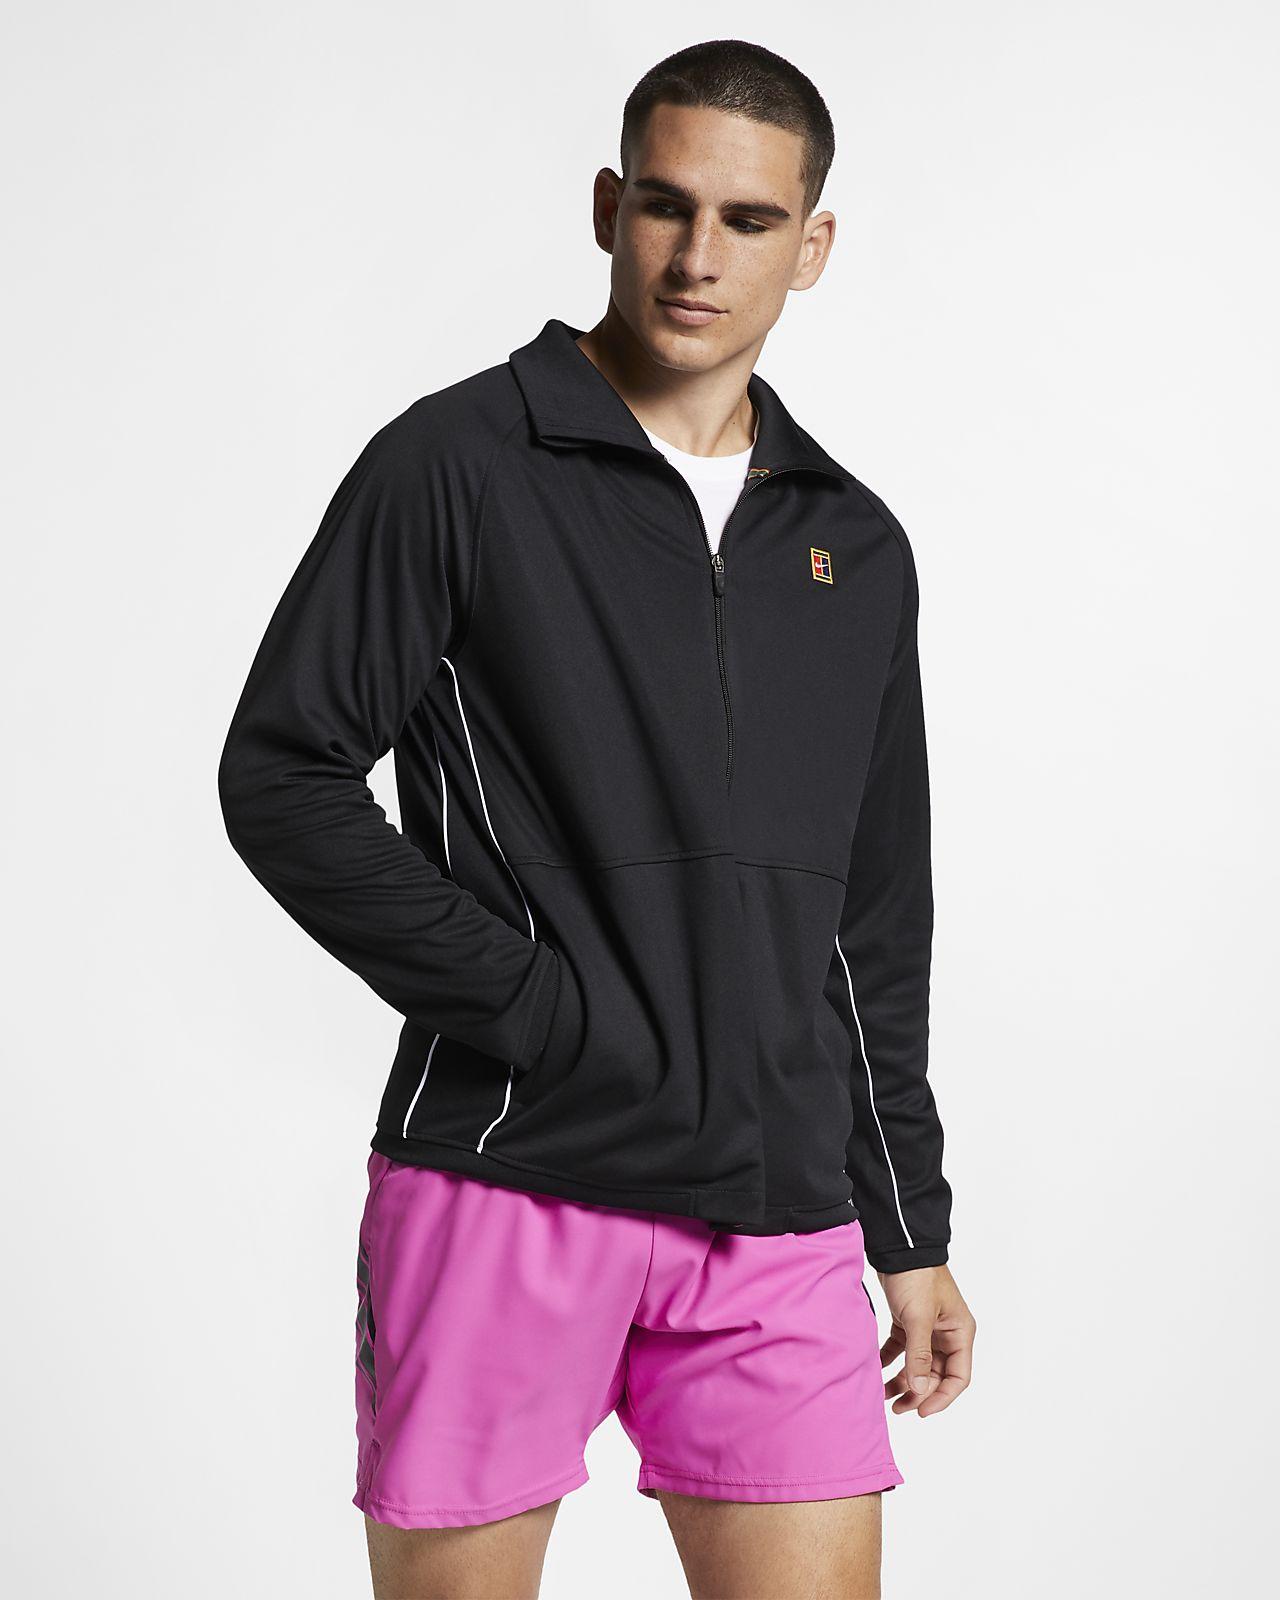 Casaco de ténis NikeCourt para homem